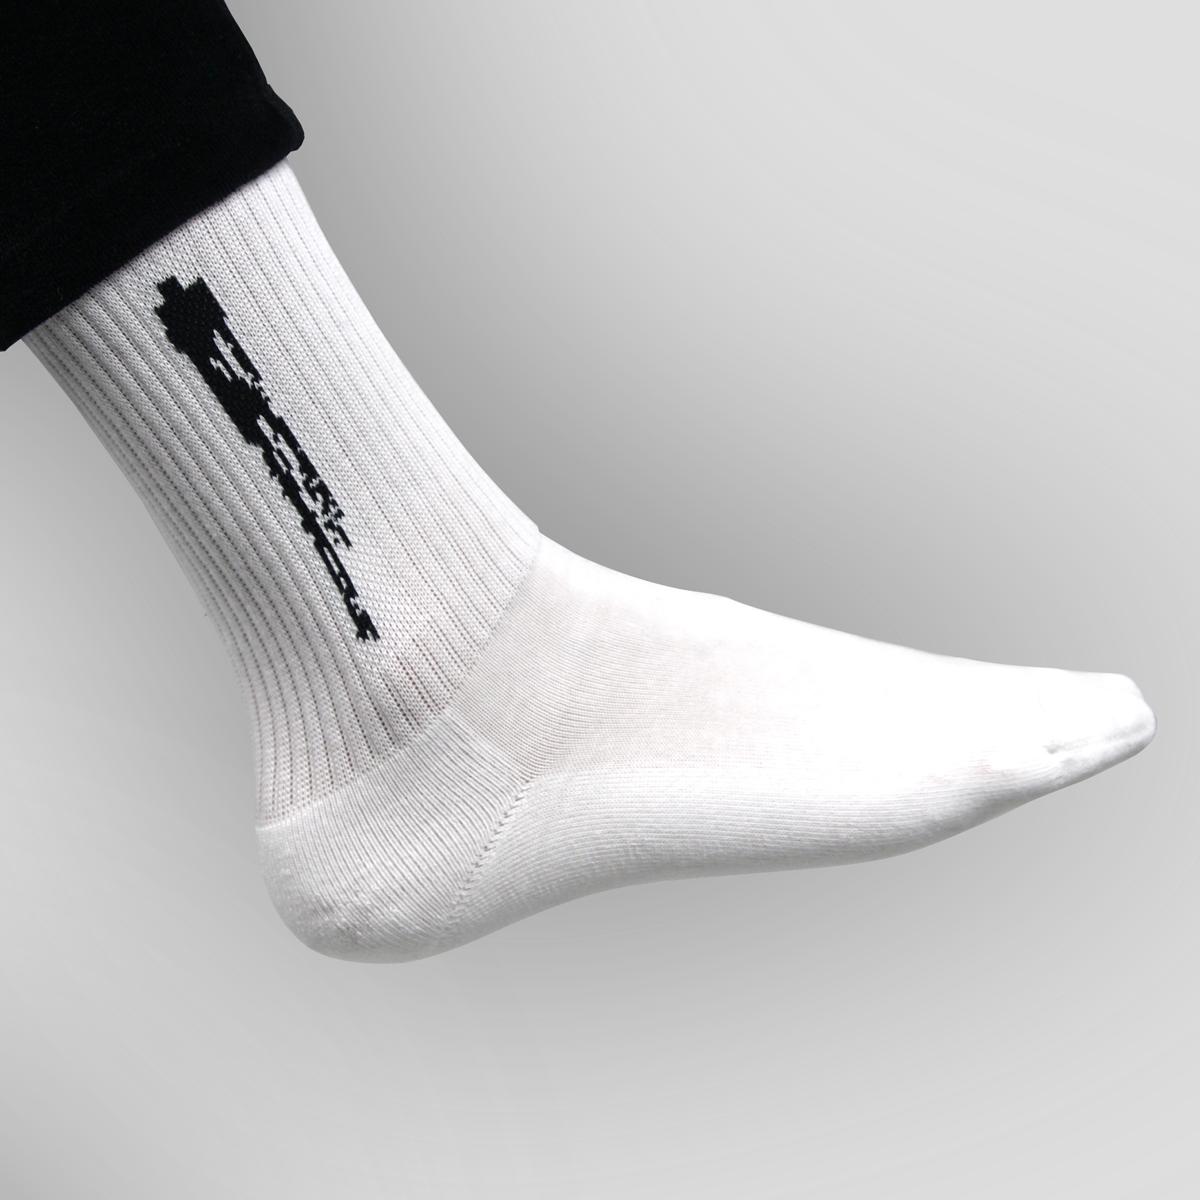 Rost Socken Ansicht Außenseite